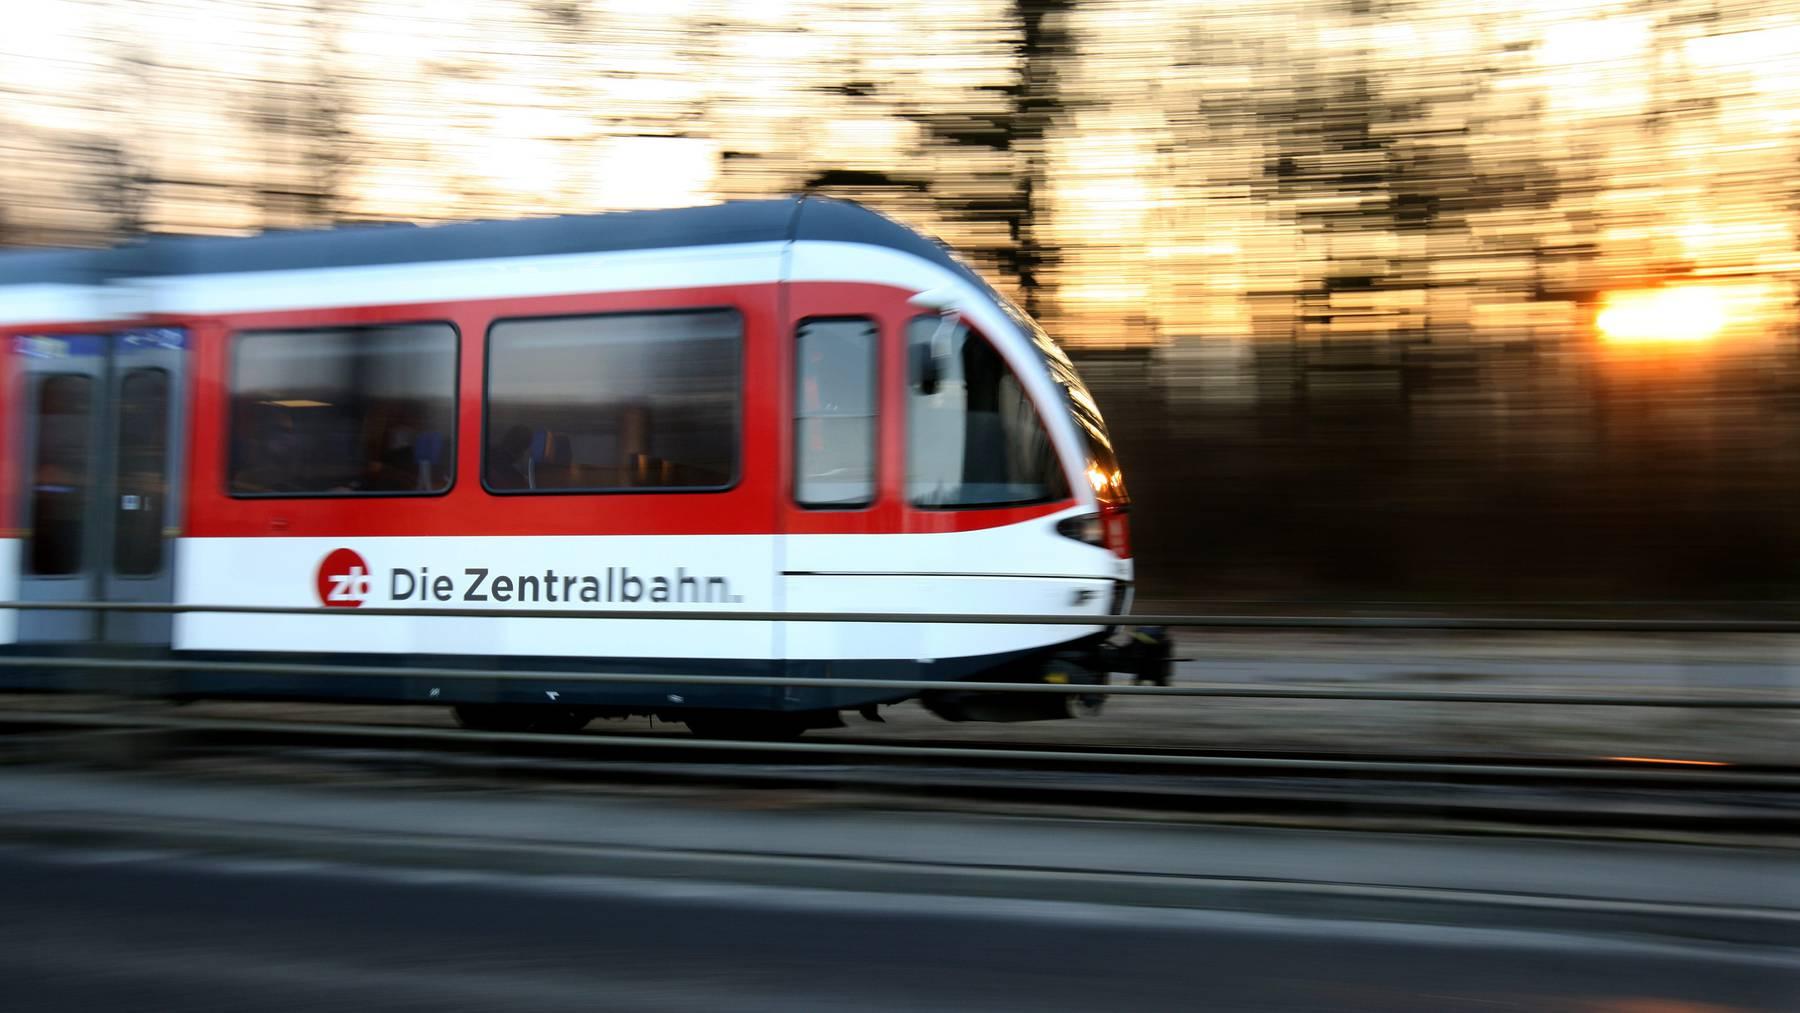 Zentralbahn